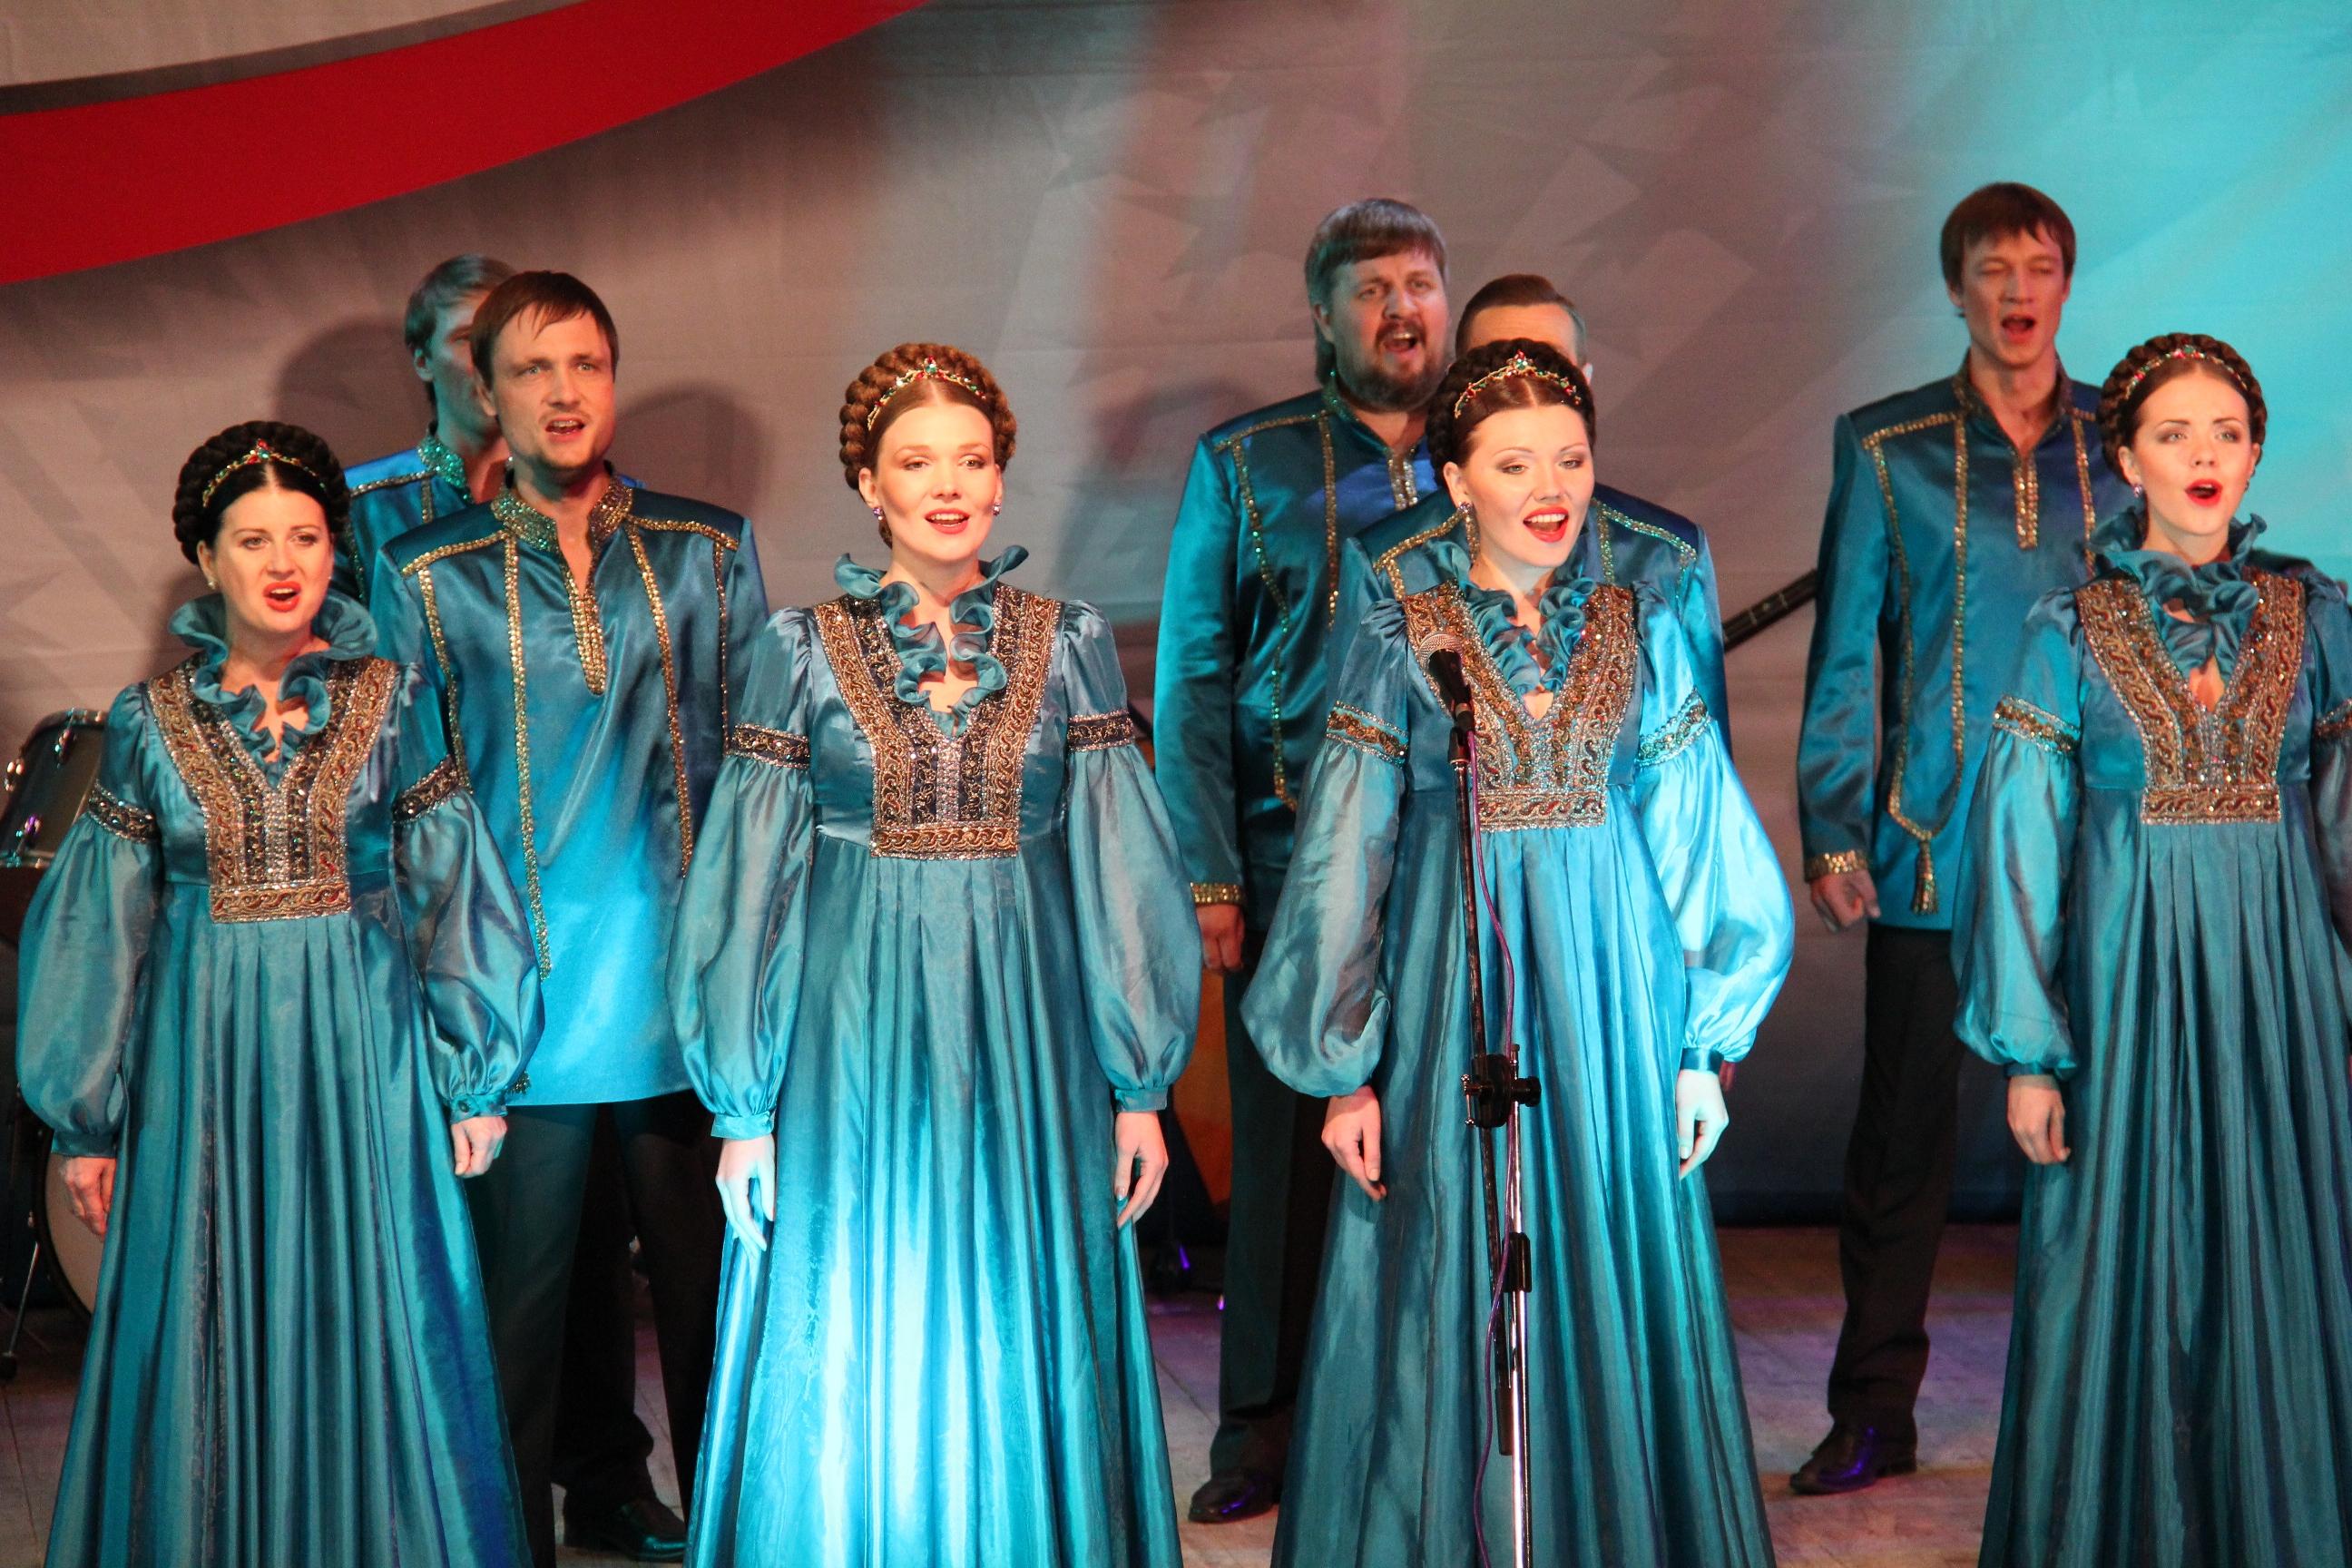 Фото украинок в национальных костюмах нежнейших